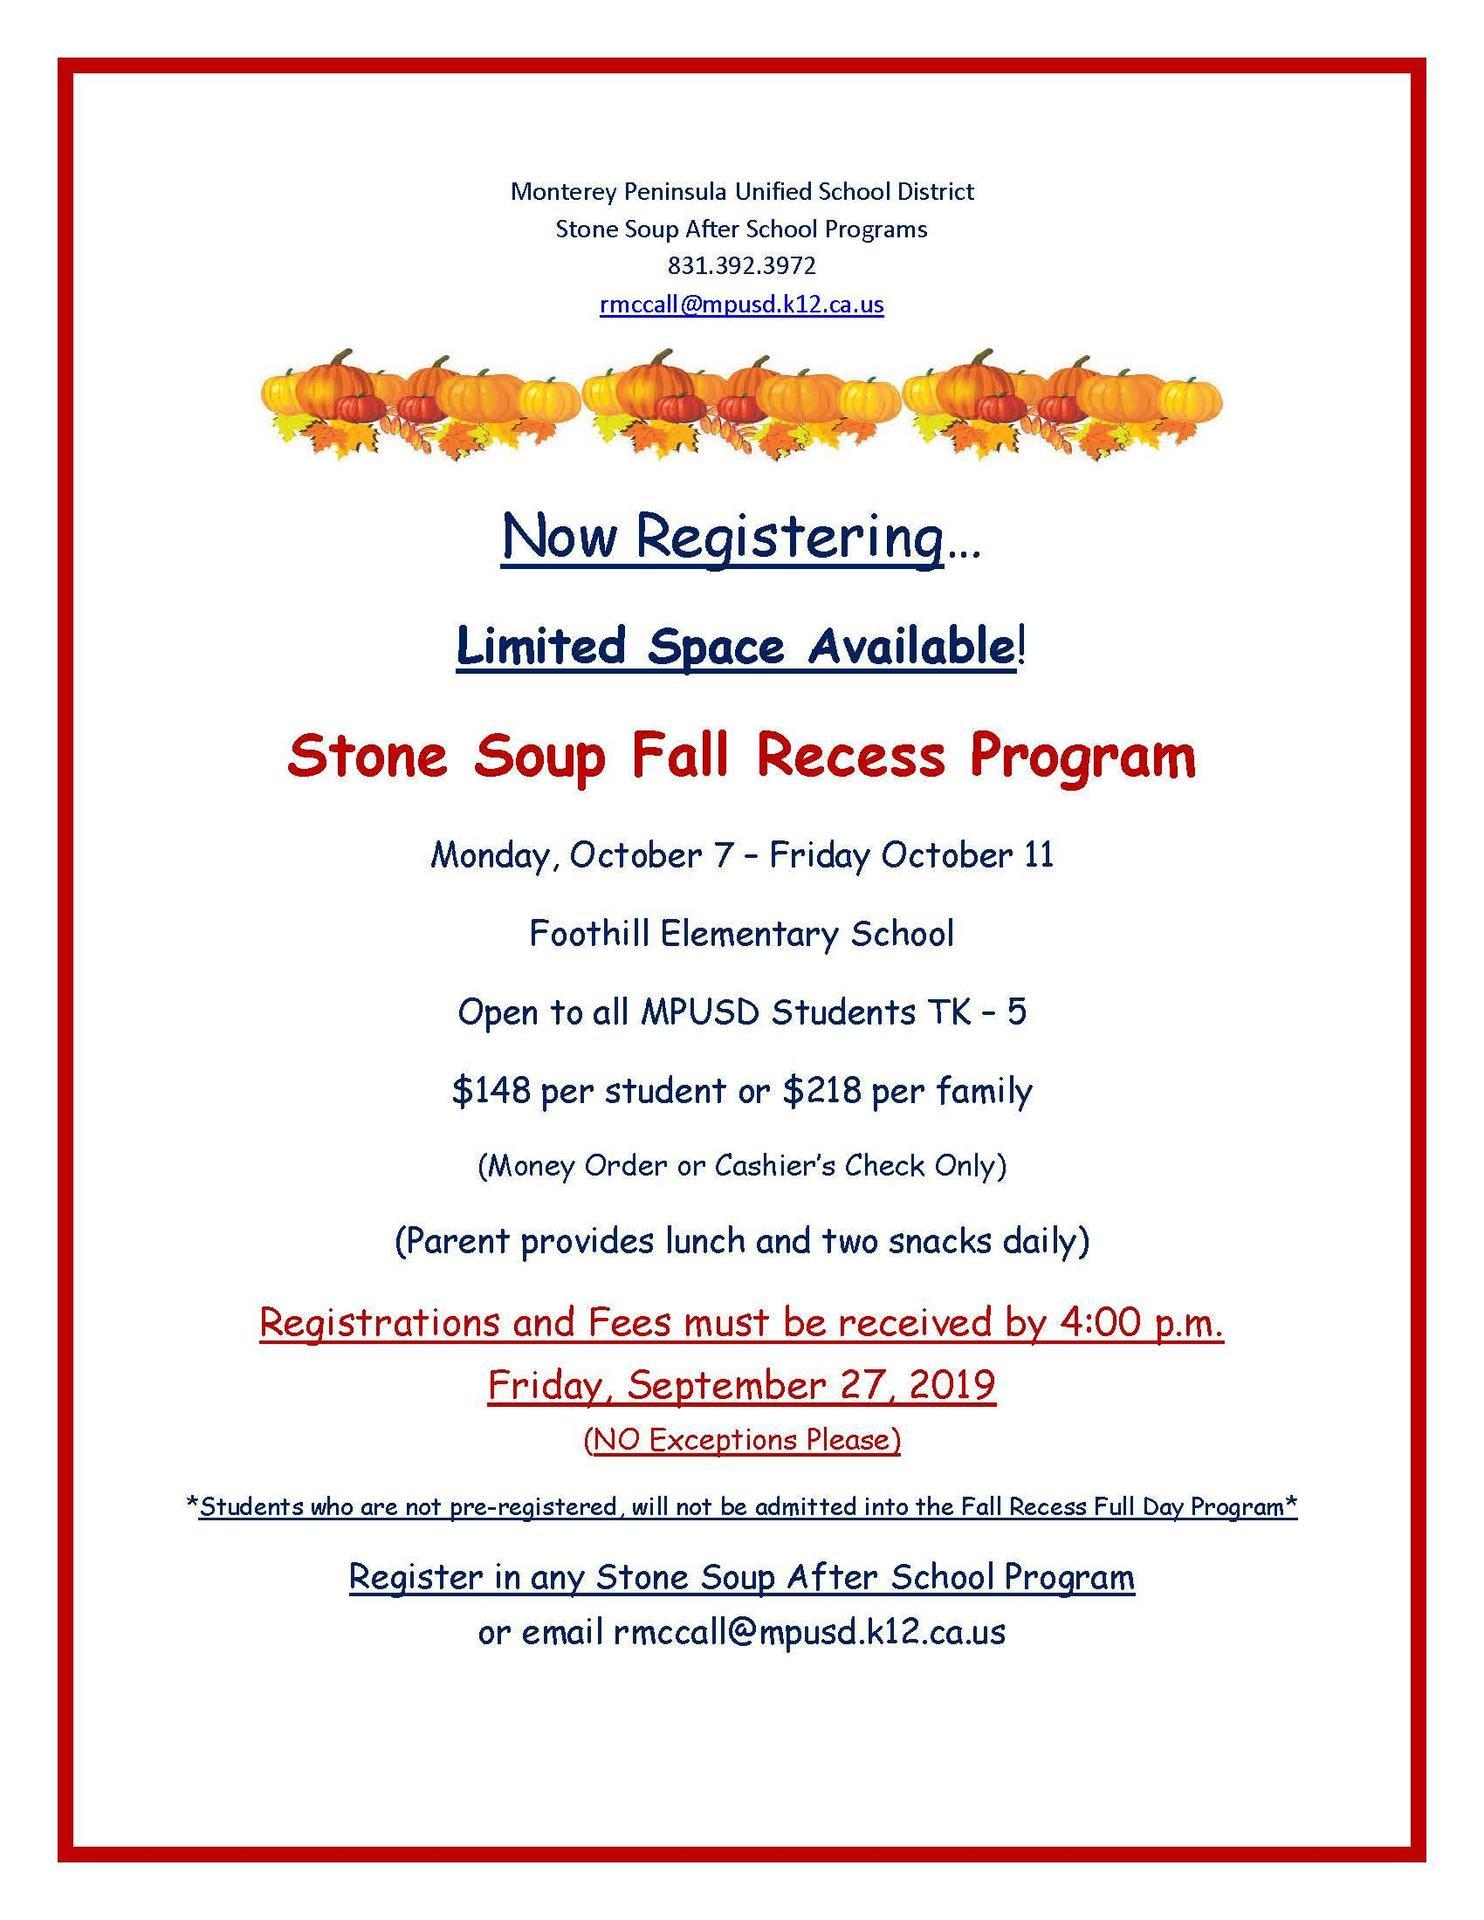 After School Academy Fall Recess Opportunities